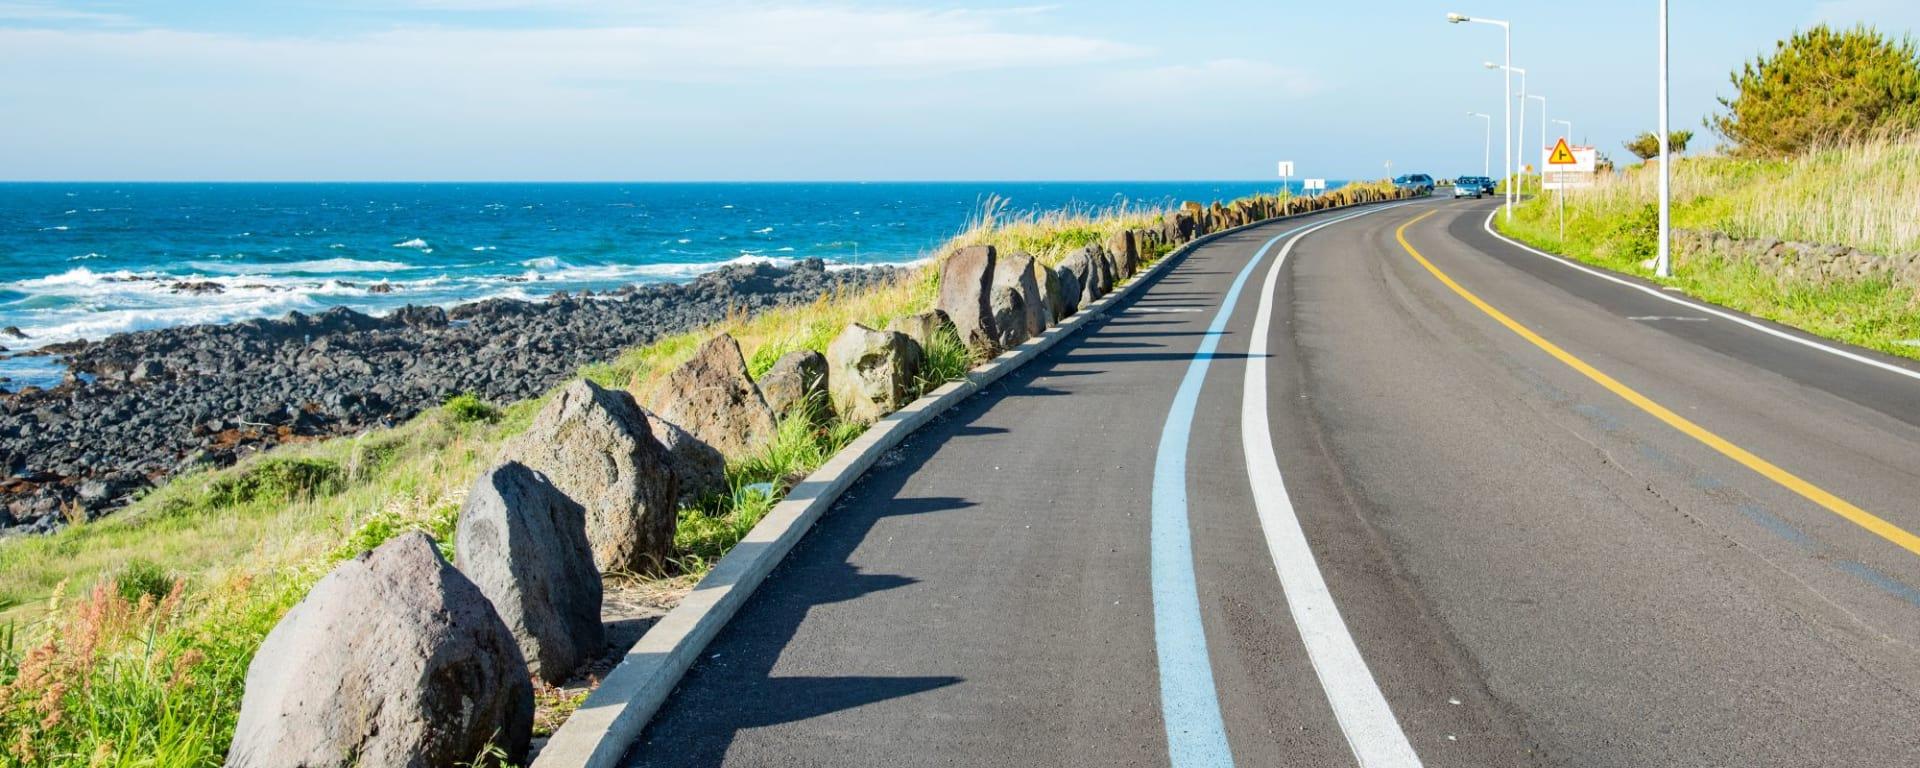 Insel Jeju, Mietwagen-Rundreise: Jeju Island